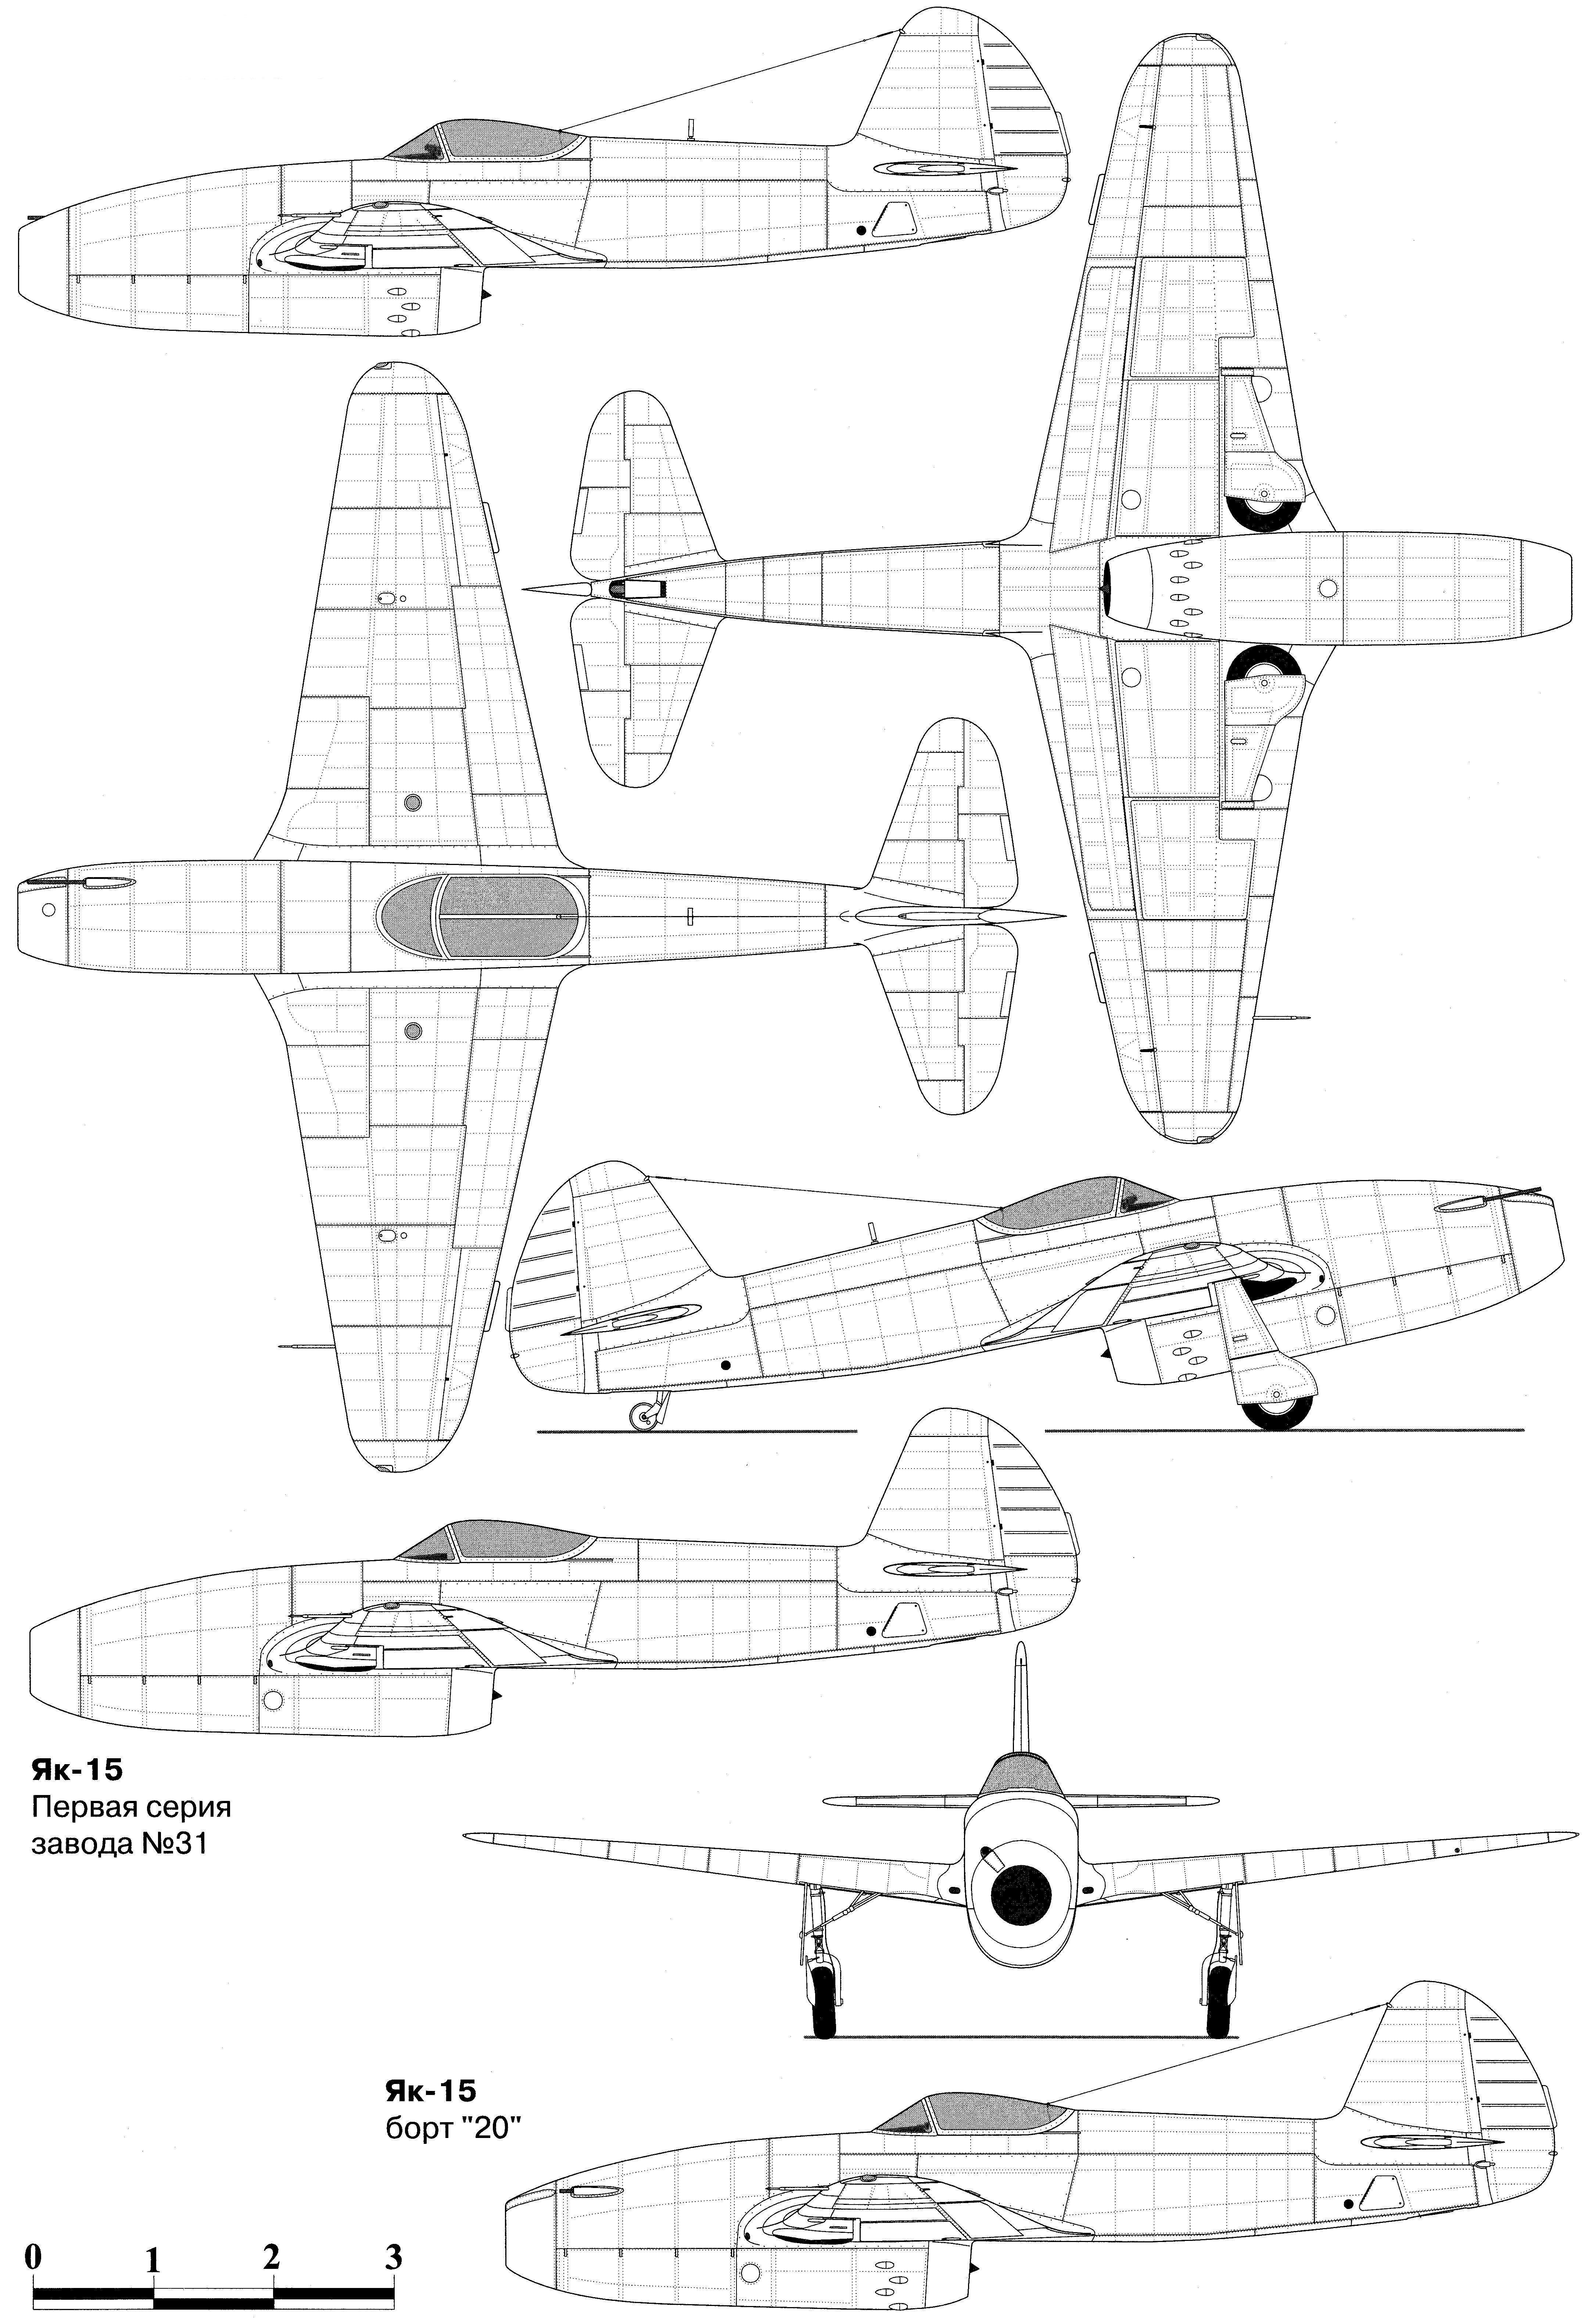 Yak-15 blueprint